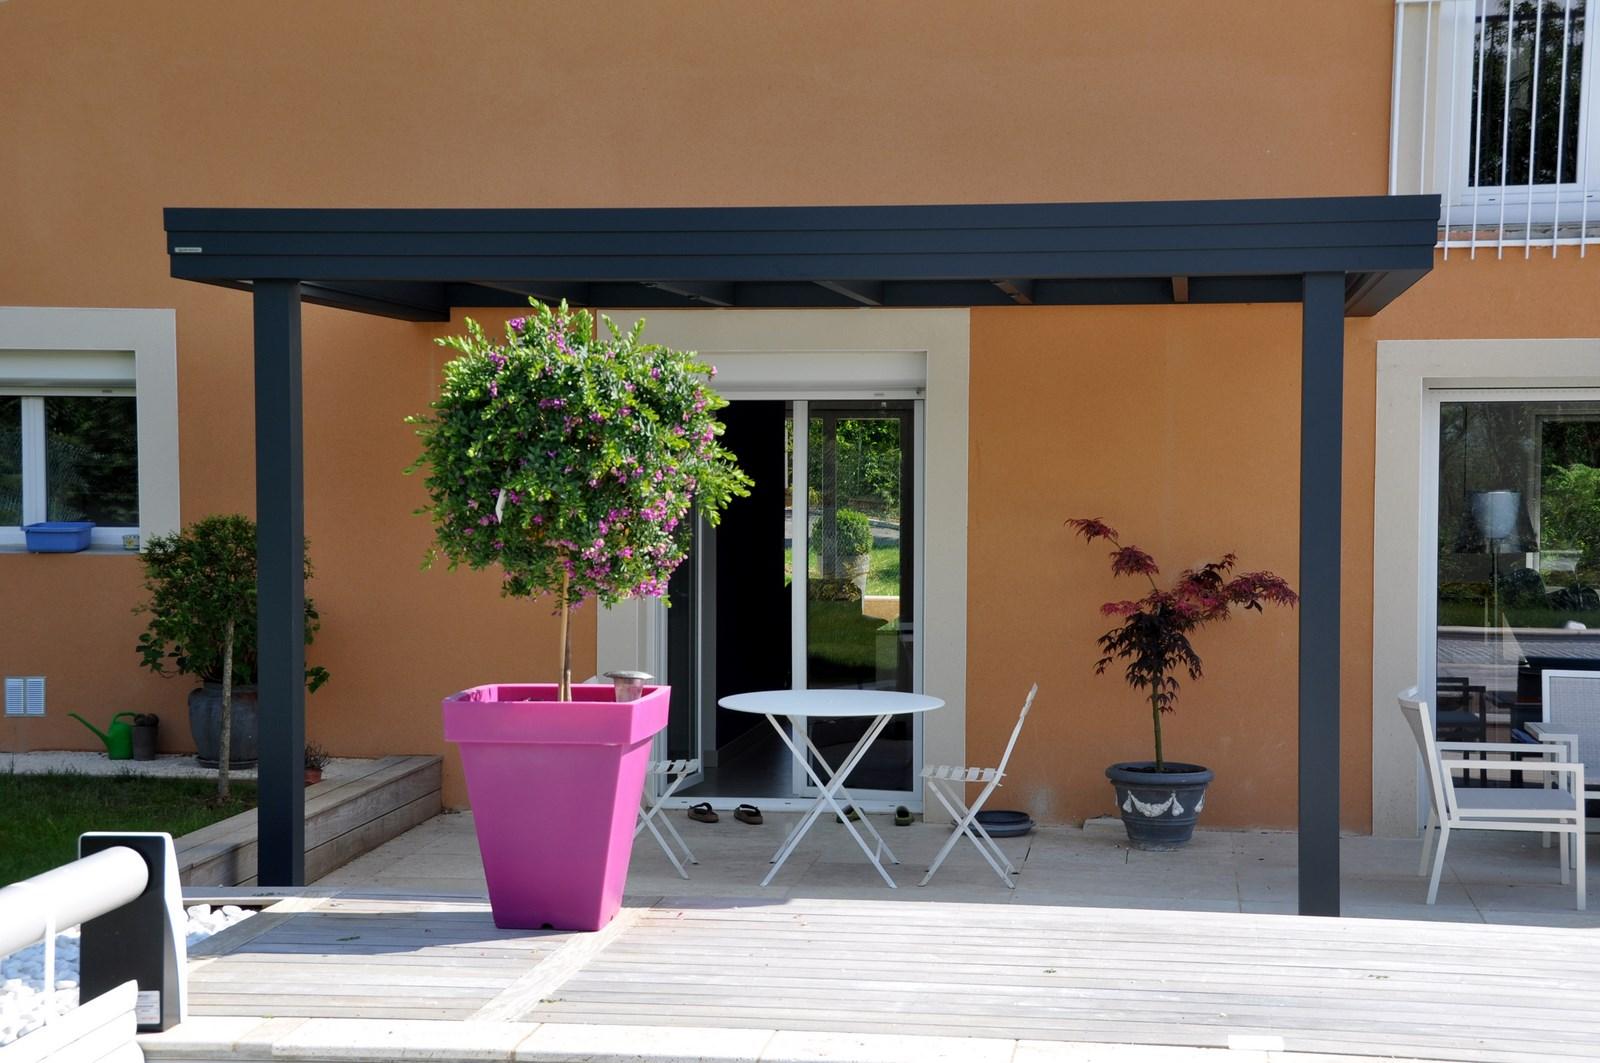 vente de pergola design en aluminium villefranche sur sa ne perspective v randa. Black Bedroom Furniture Sets. Home Design Ideas